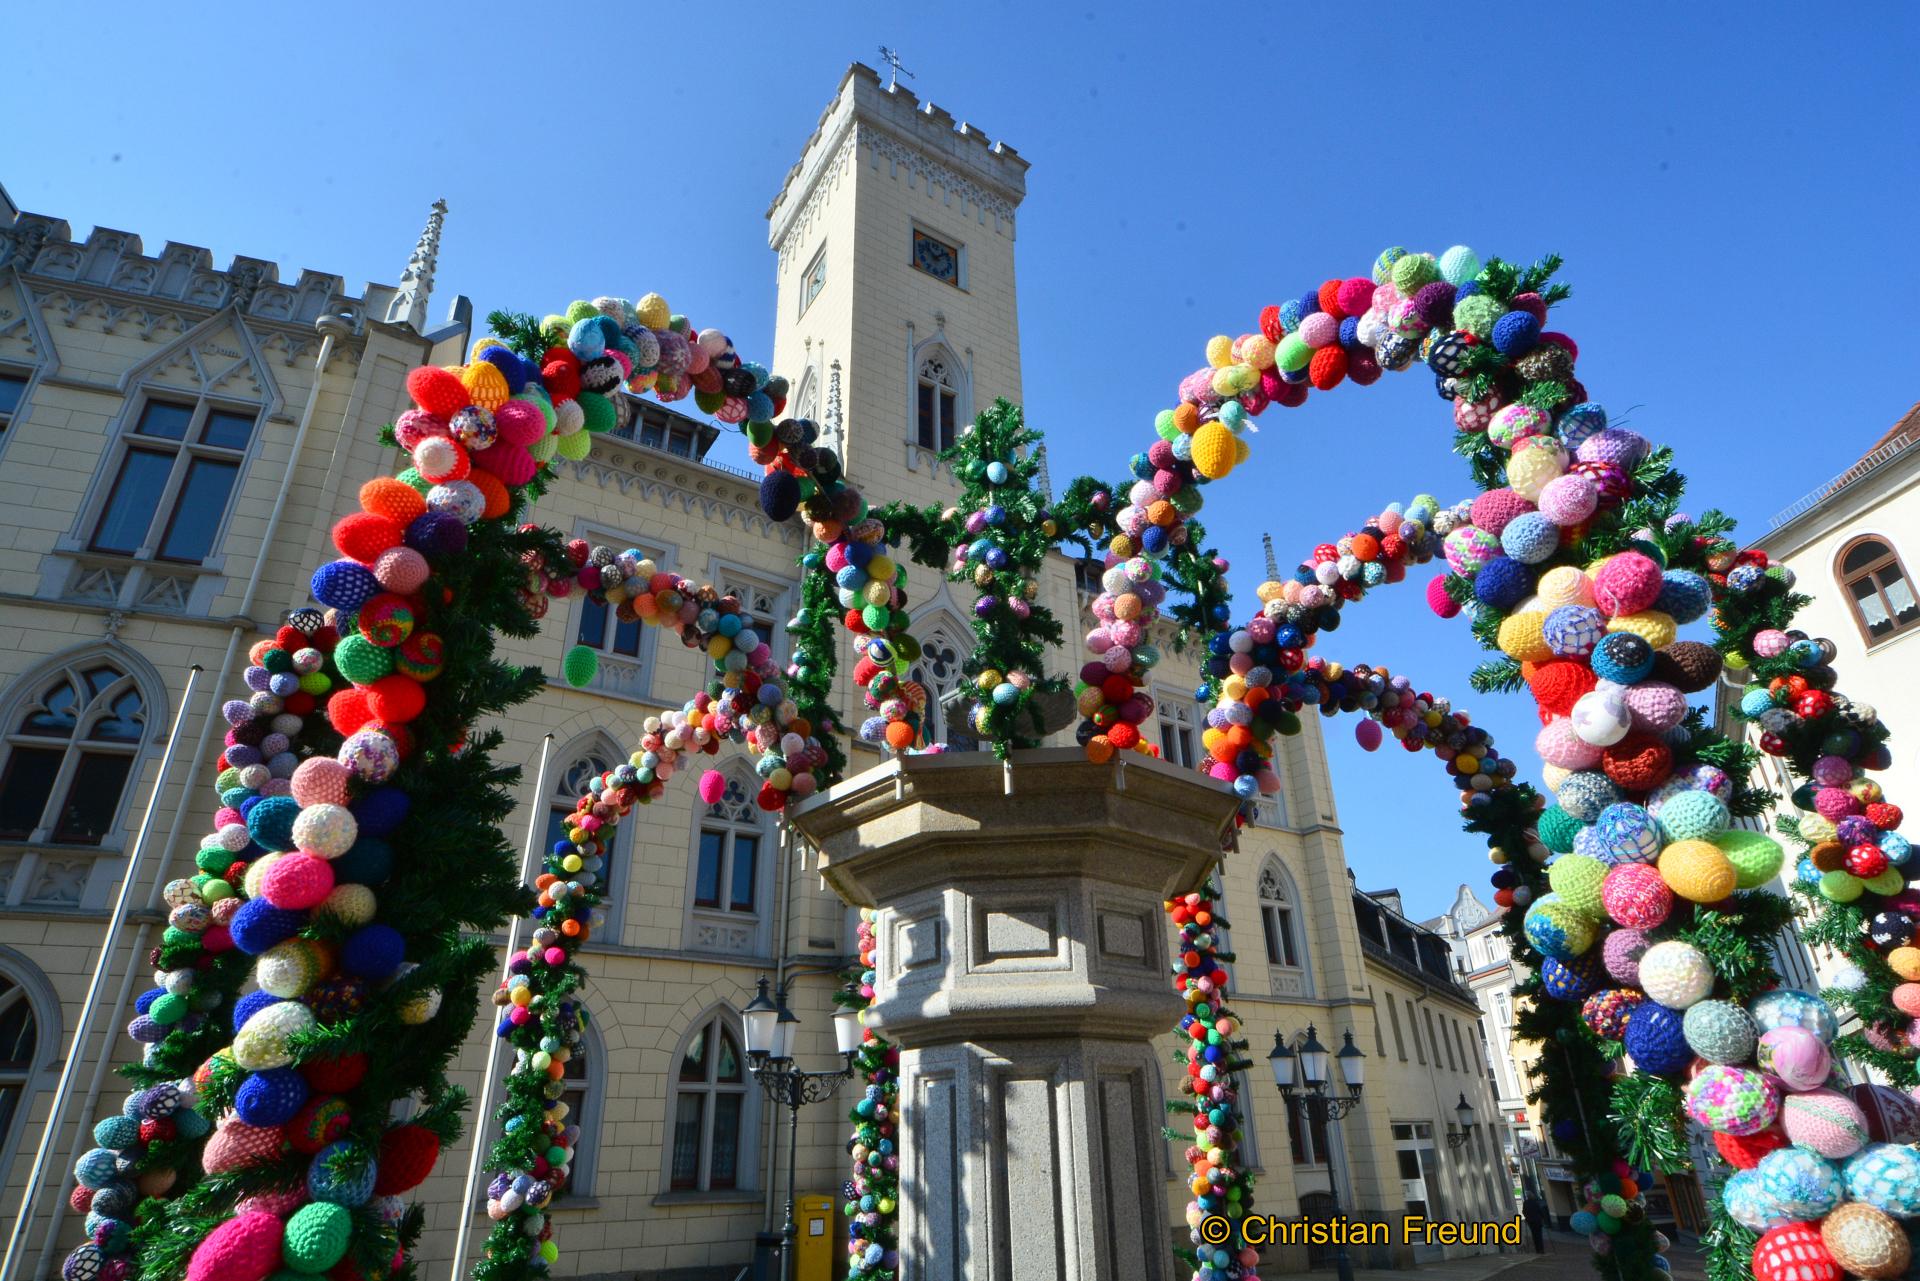 Wunderschön geschmückt mit vielen in Handarbeit gestalteten Ostereiern präsentiert sich der Greizer Marktbrunnen vor dem Rathaus. Auch der Röhrenbrunnen ist wieder eine Augenweide.